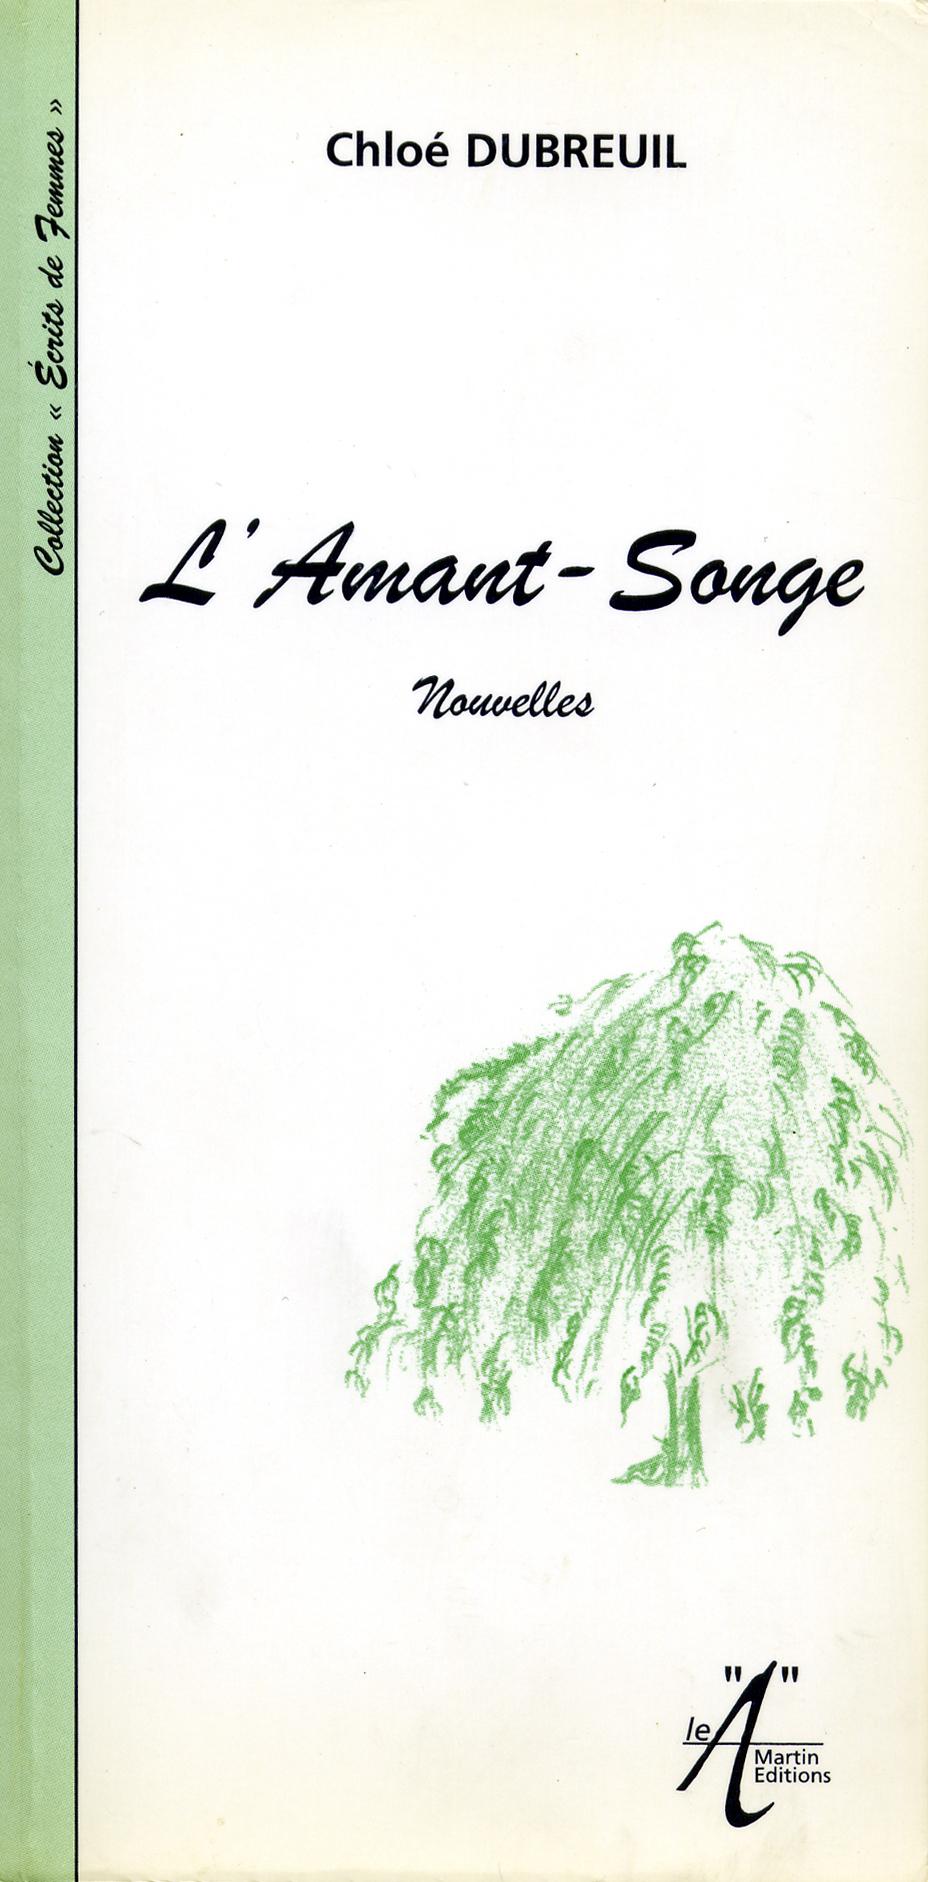 L'Amant- Songe